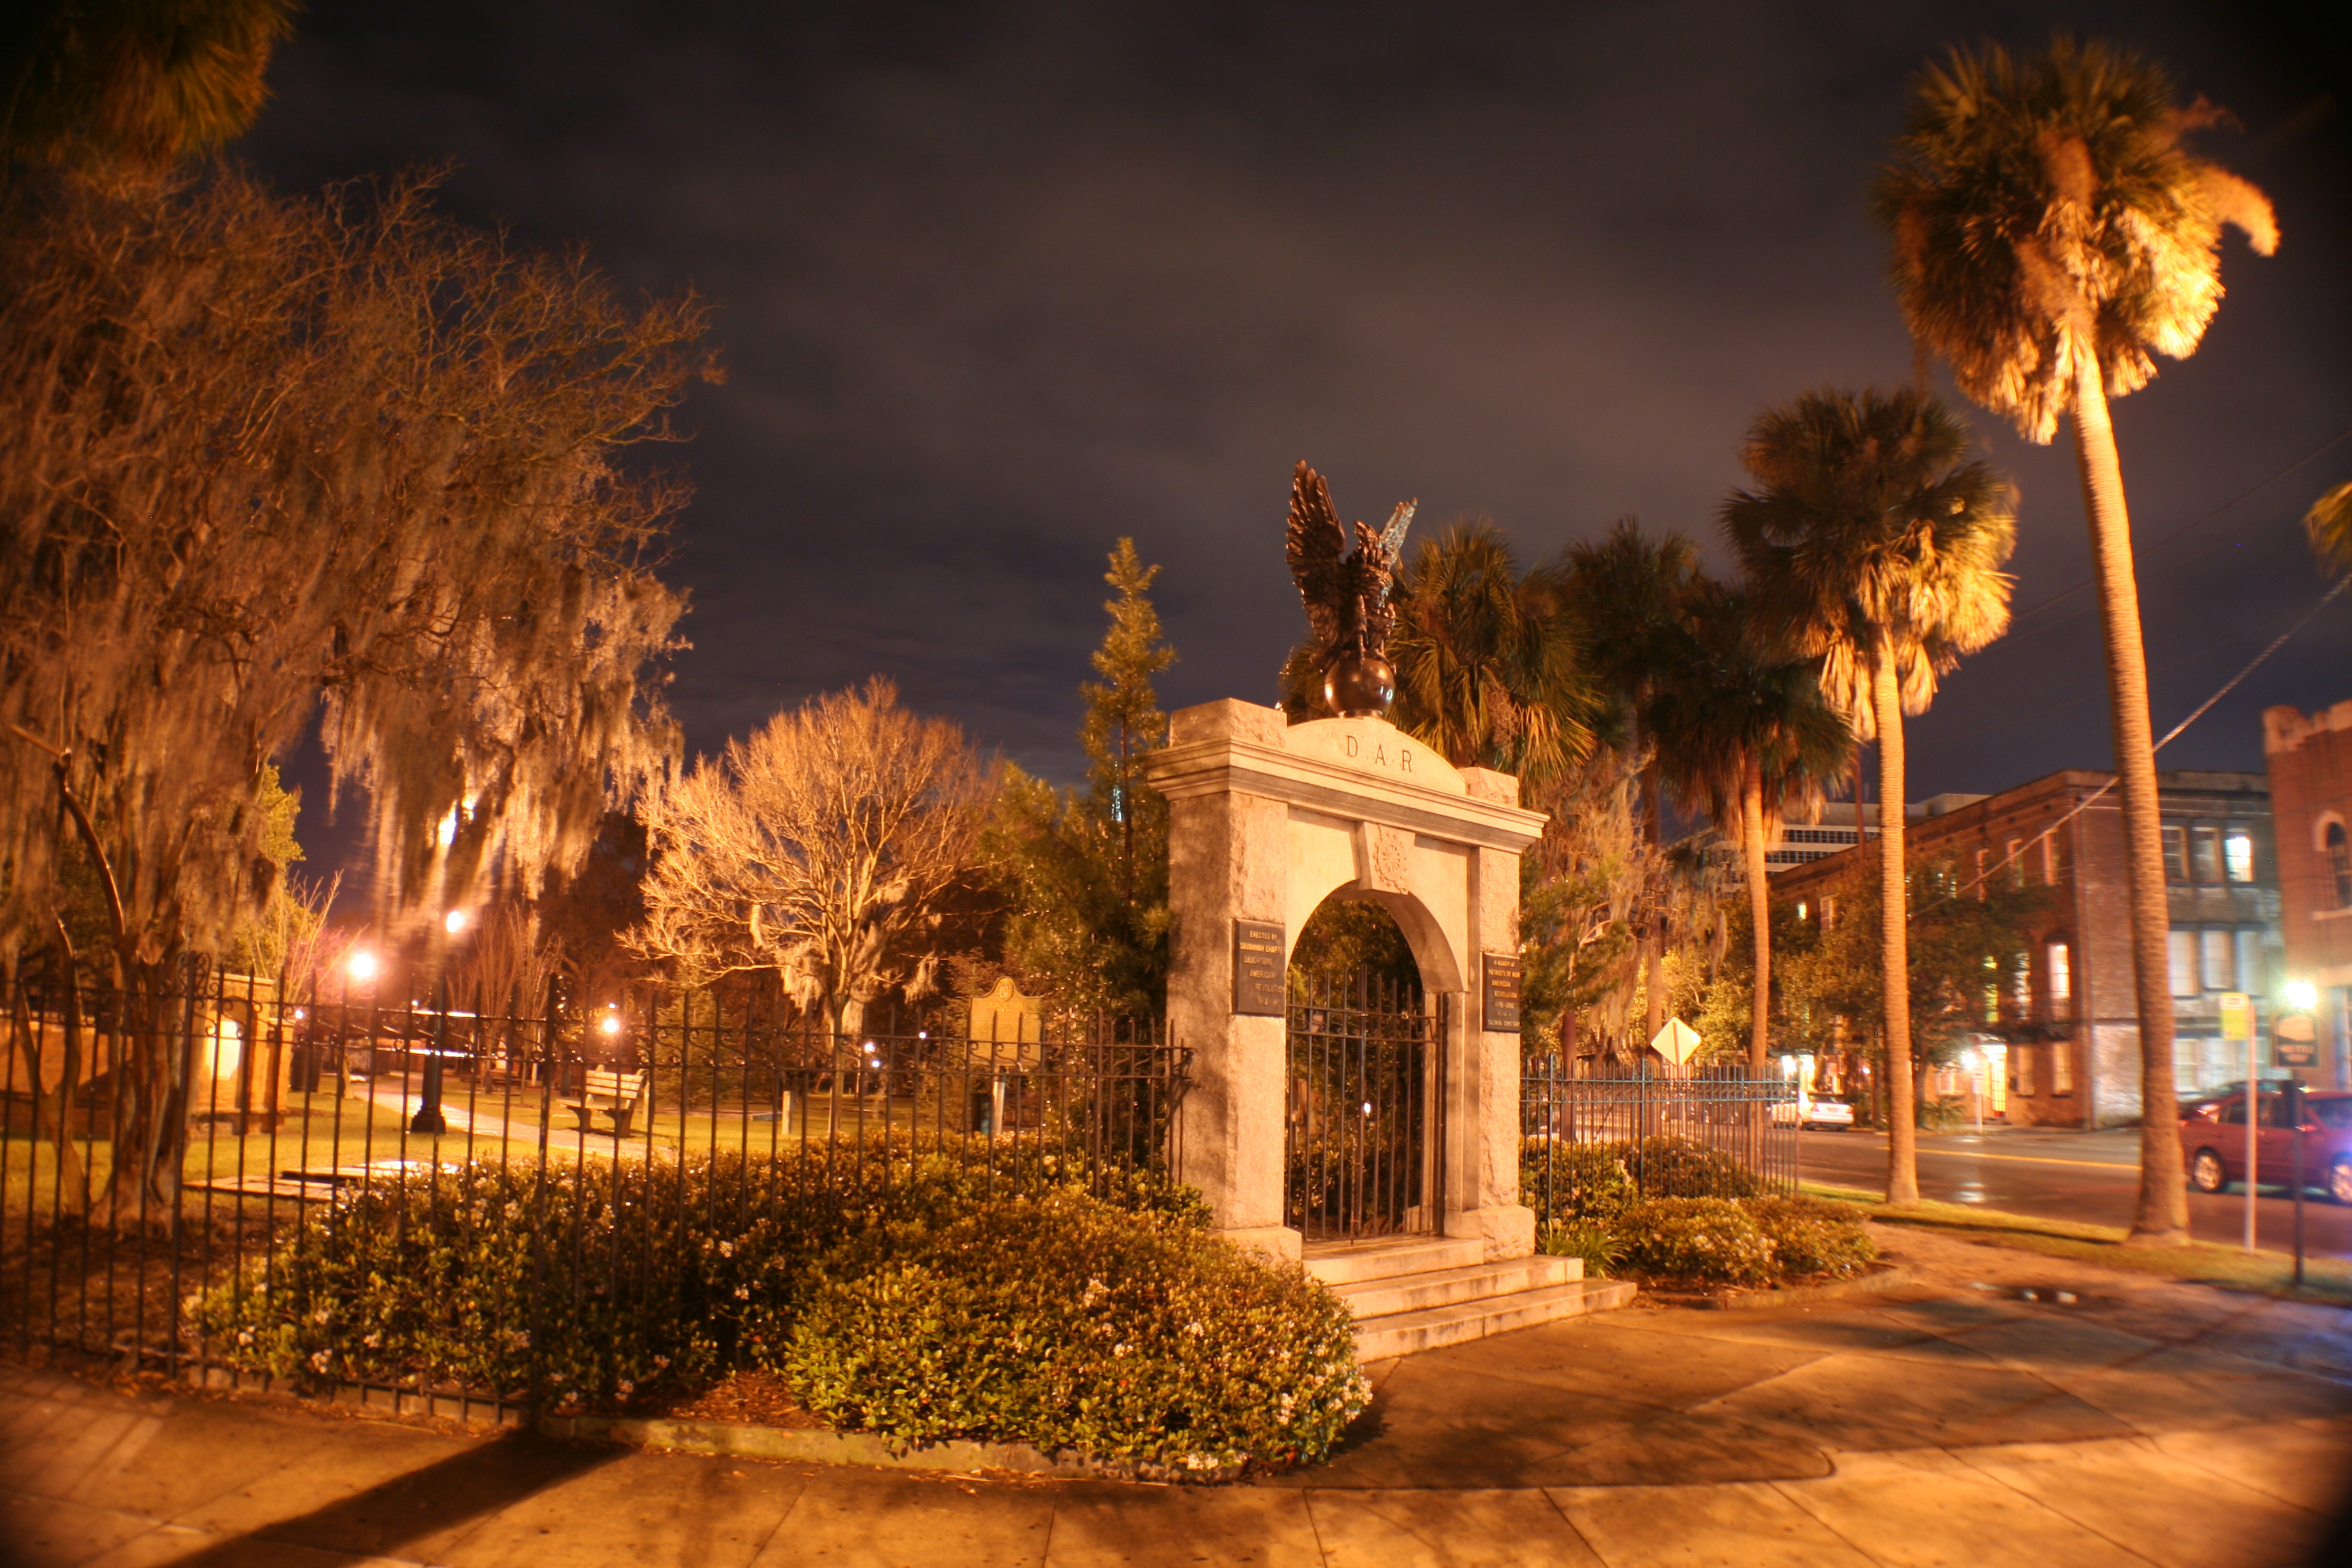 Savannah Night Walking Tours